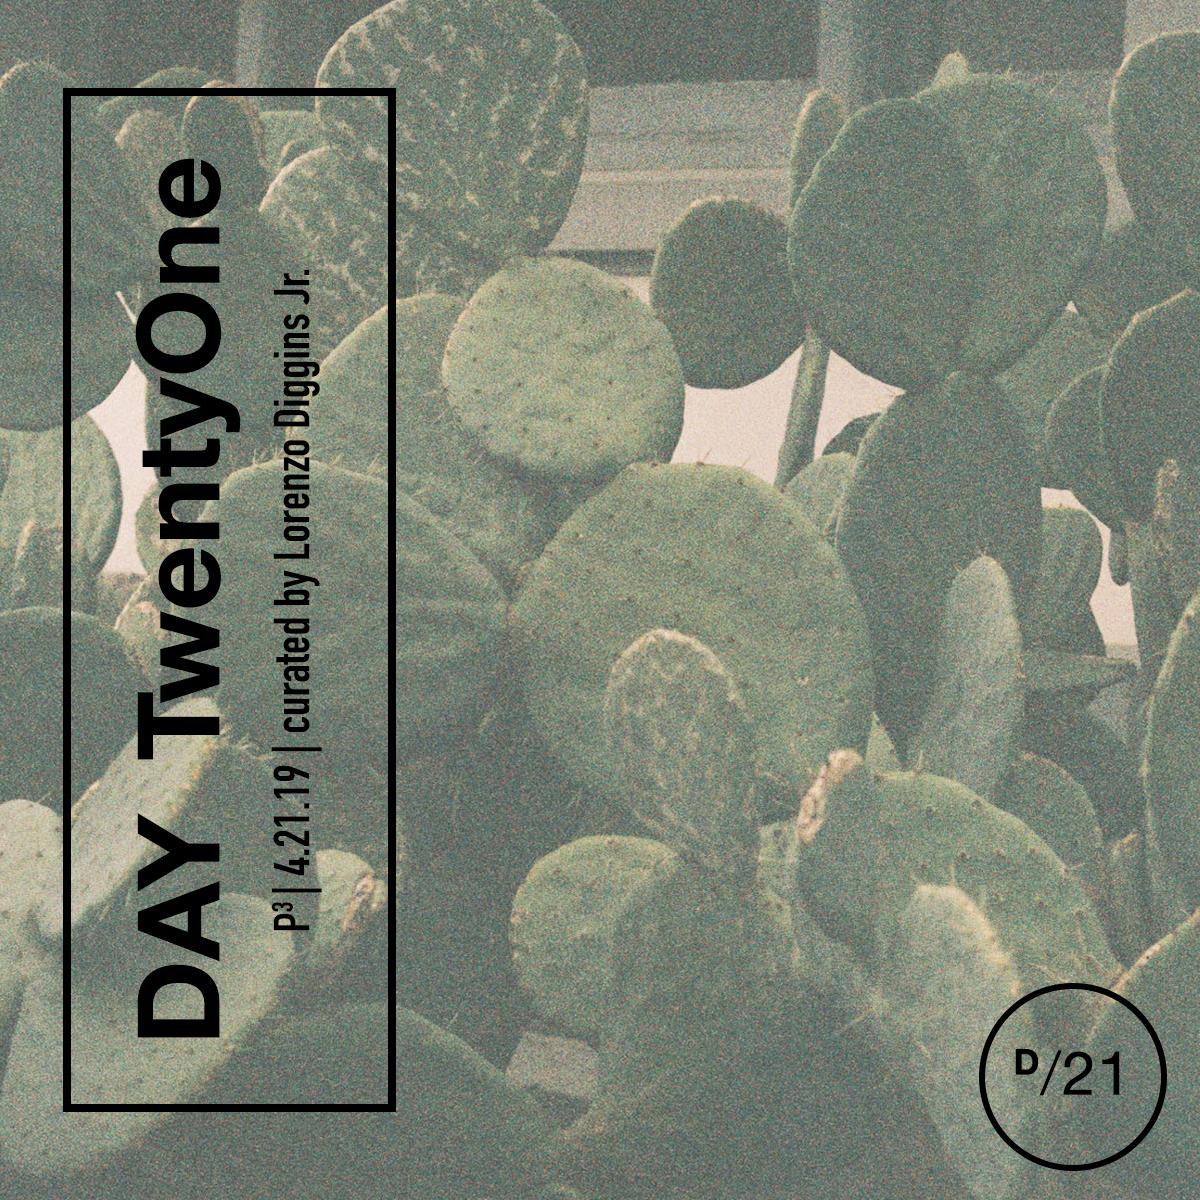 Day21byLCD_4.jpg